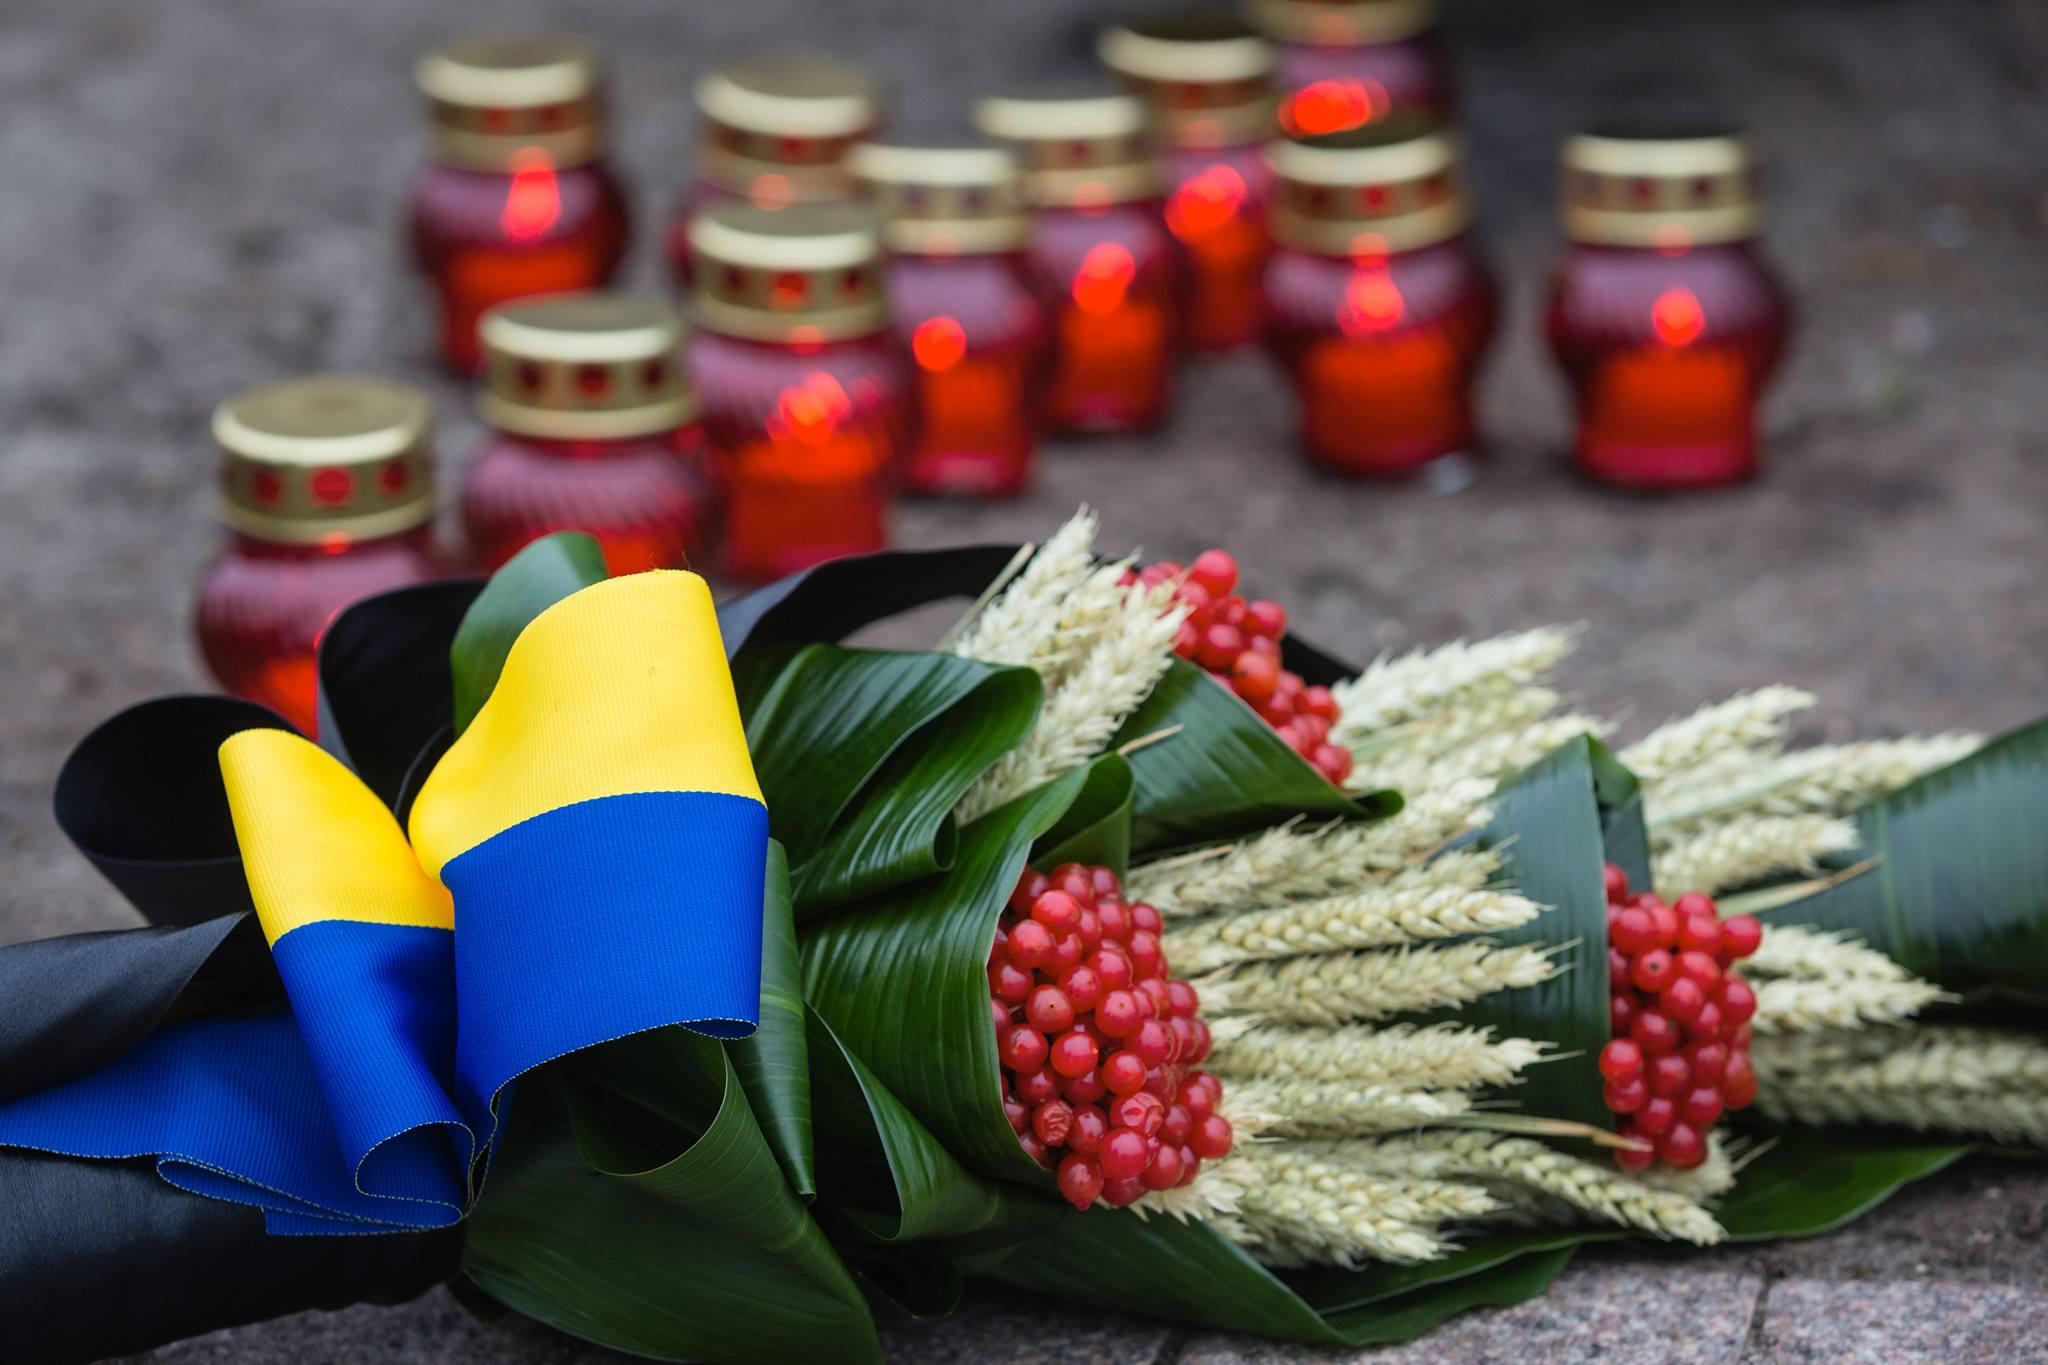 Порошенко: Голодомор - це прояв багатовікової гібридної війни Росії проти України - фото 3